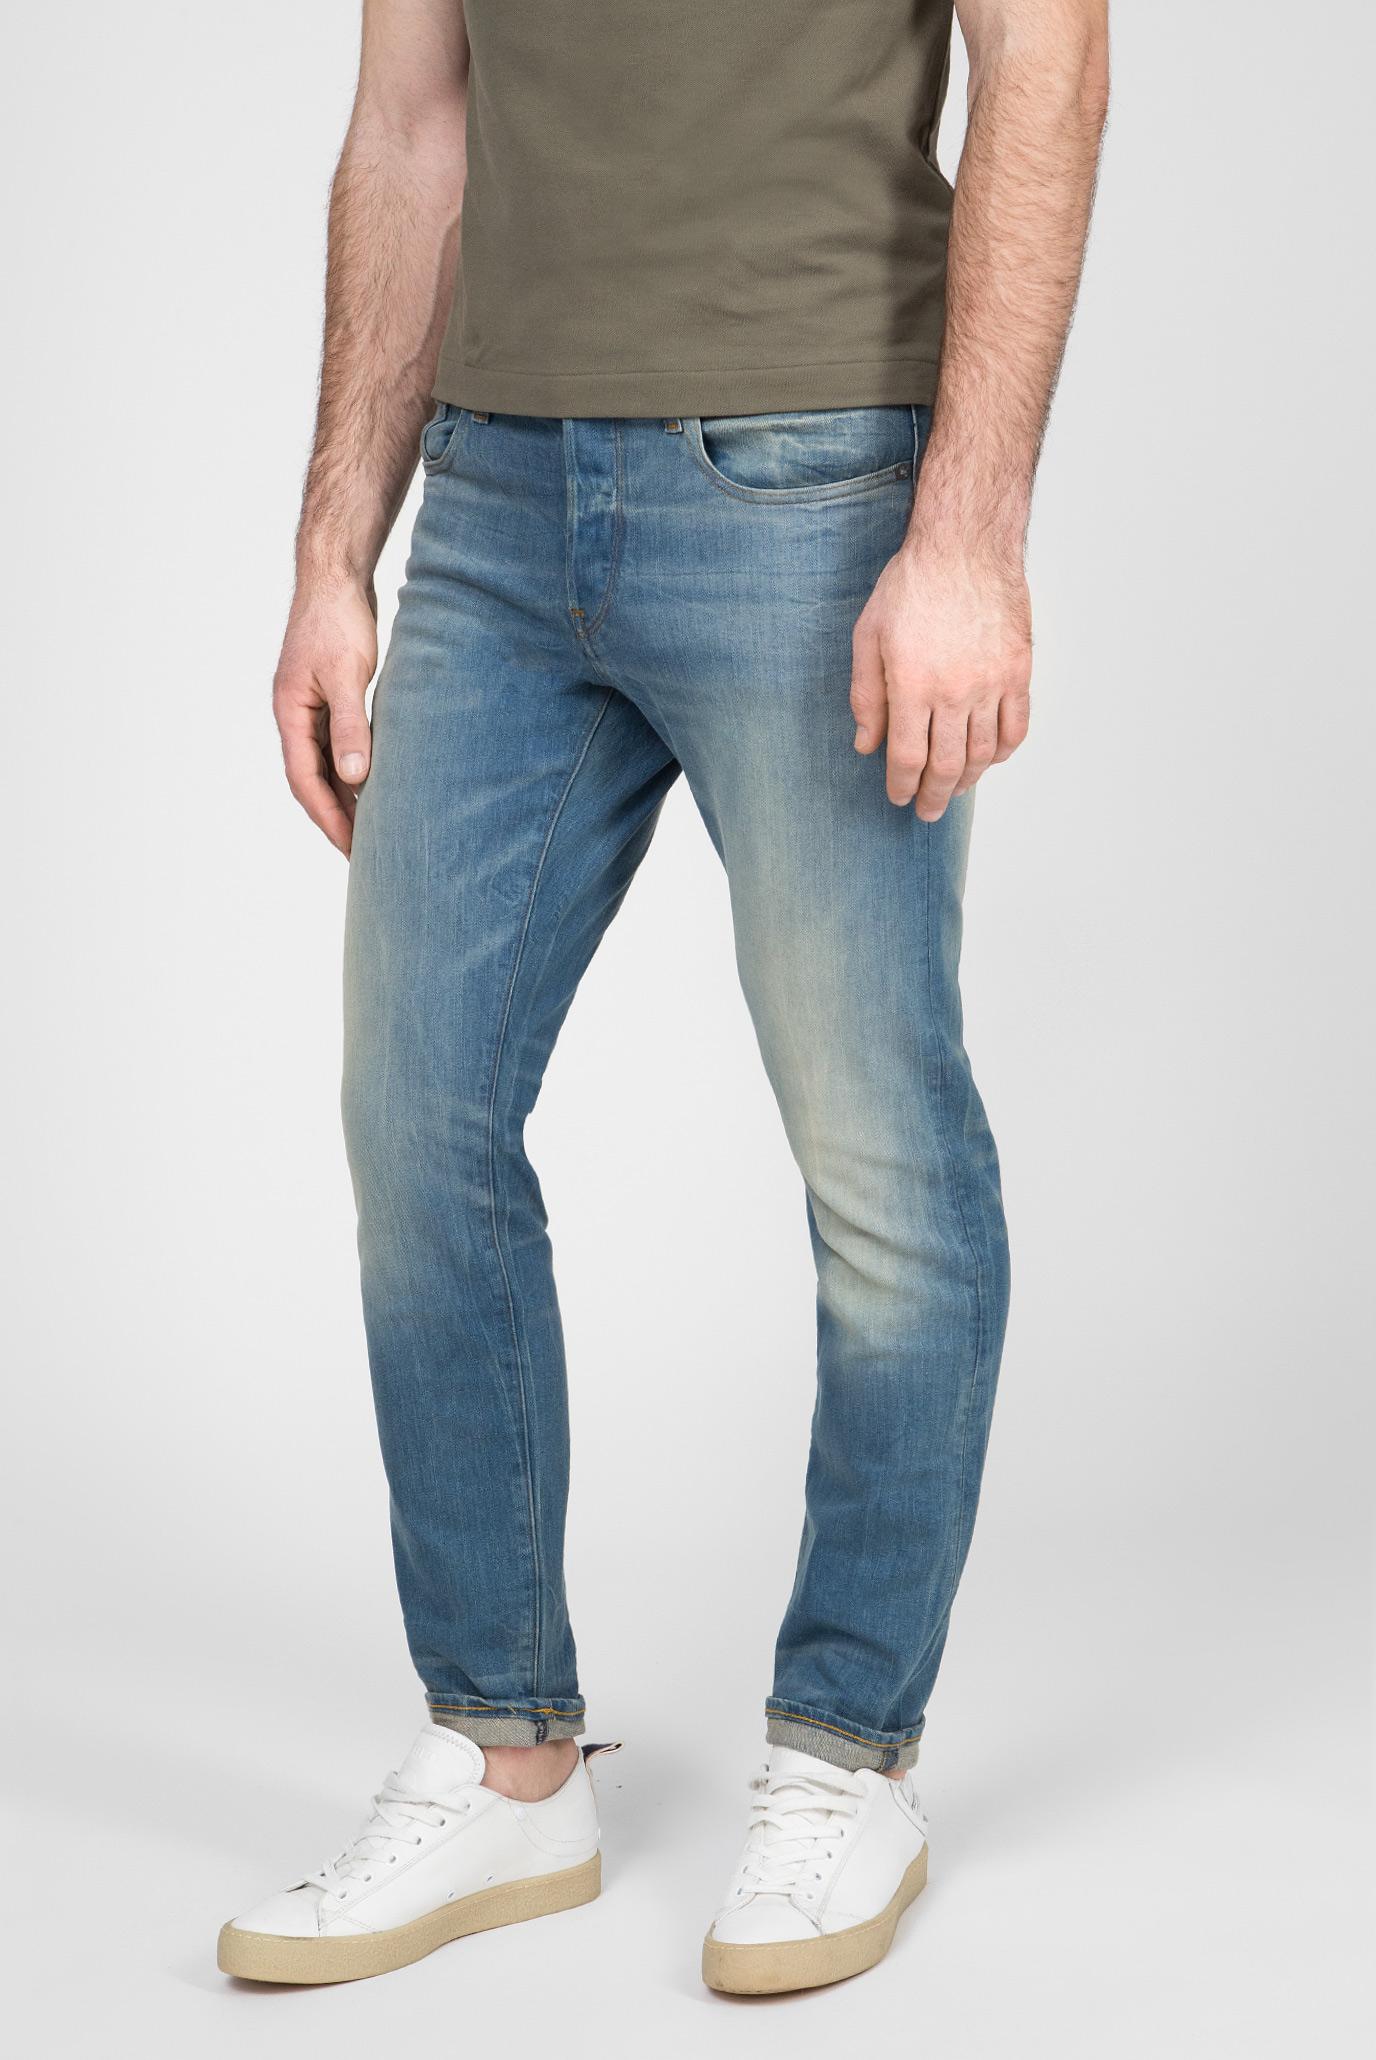 Купить Мужские синие джинсы 3301 G-Star RAW G-Star RAW 51003,6541 – Киев, Украина. Цены в интернет магазине MD Fashion